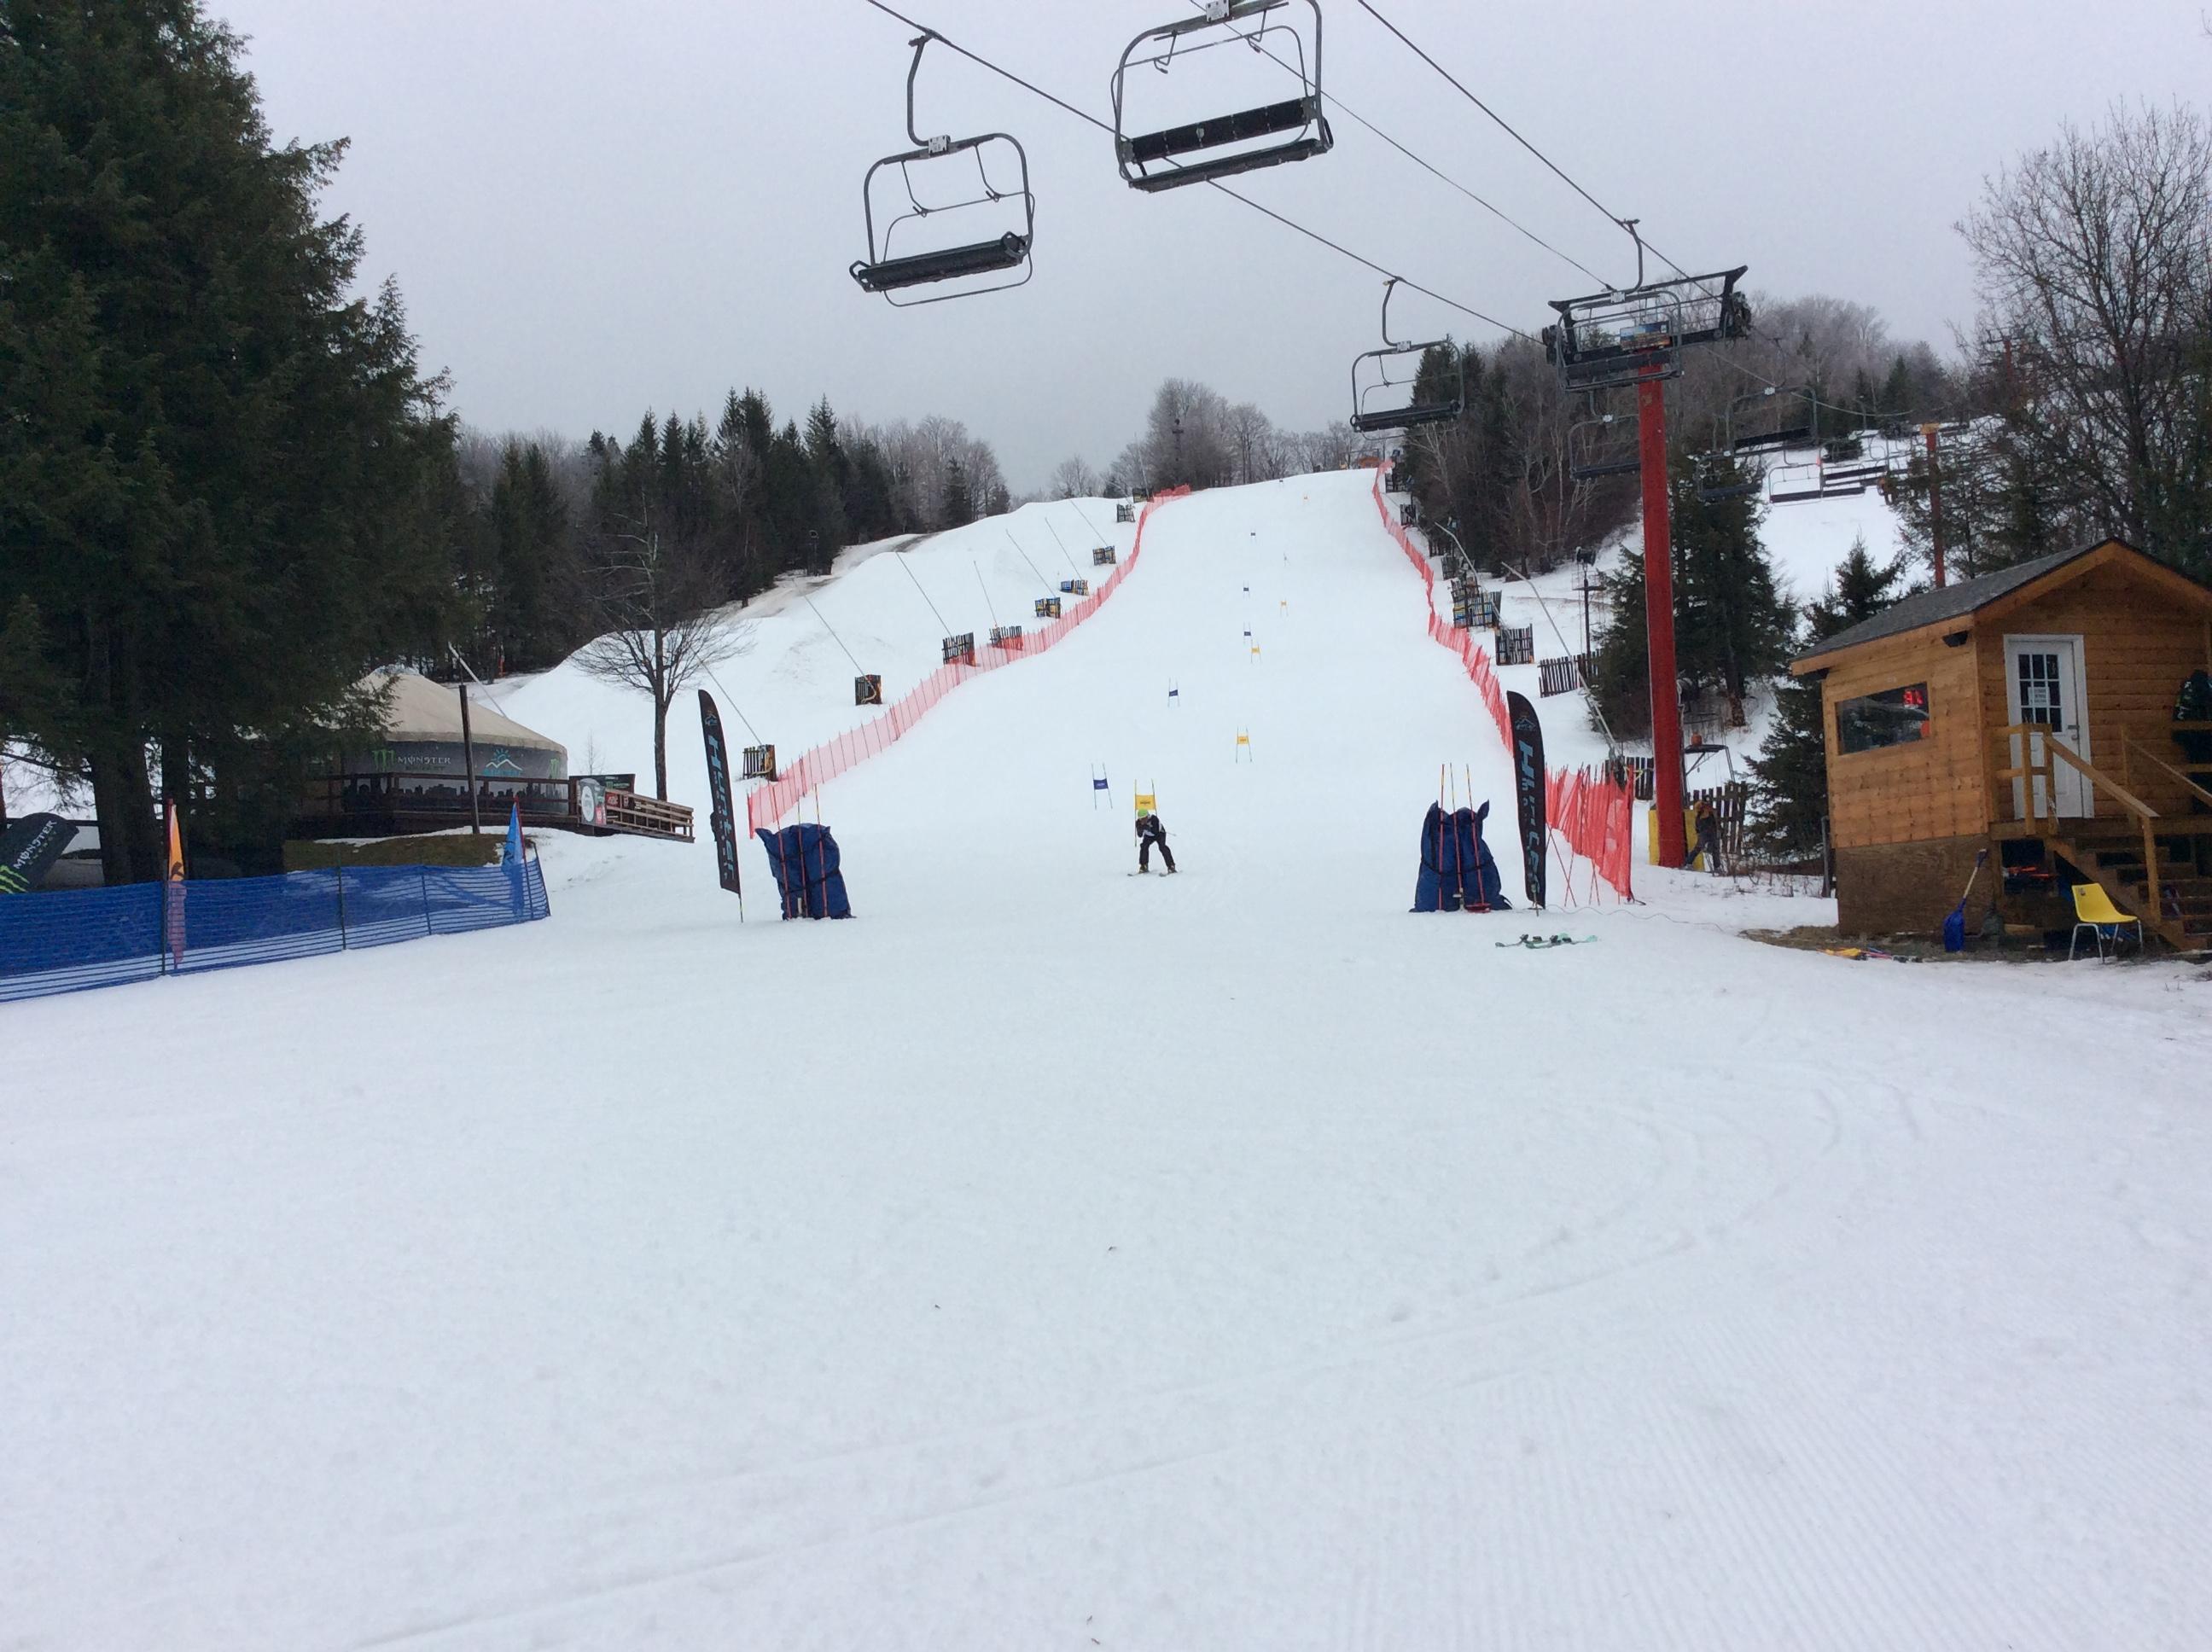 nypd-ski-club_31553659454_o